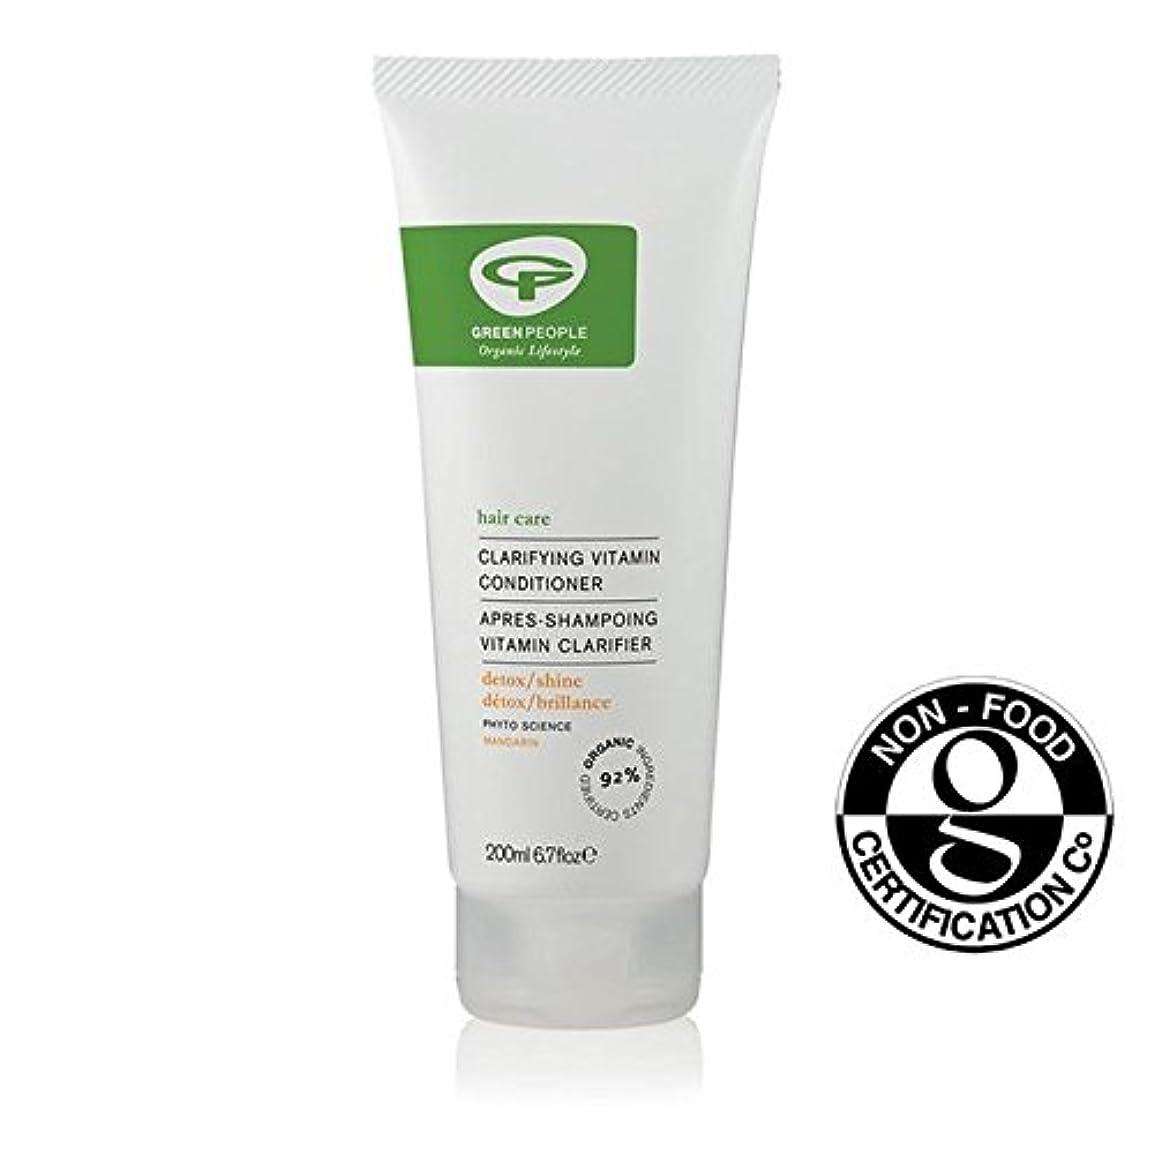 郵便局耐える割れ目Green People Organic Clarifying Vitamin Conditioner 200ml - 緑の人々の有機明確ビタミンコンディショナー200 [並行輸入品]